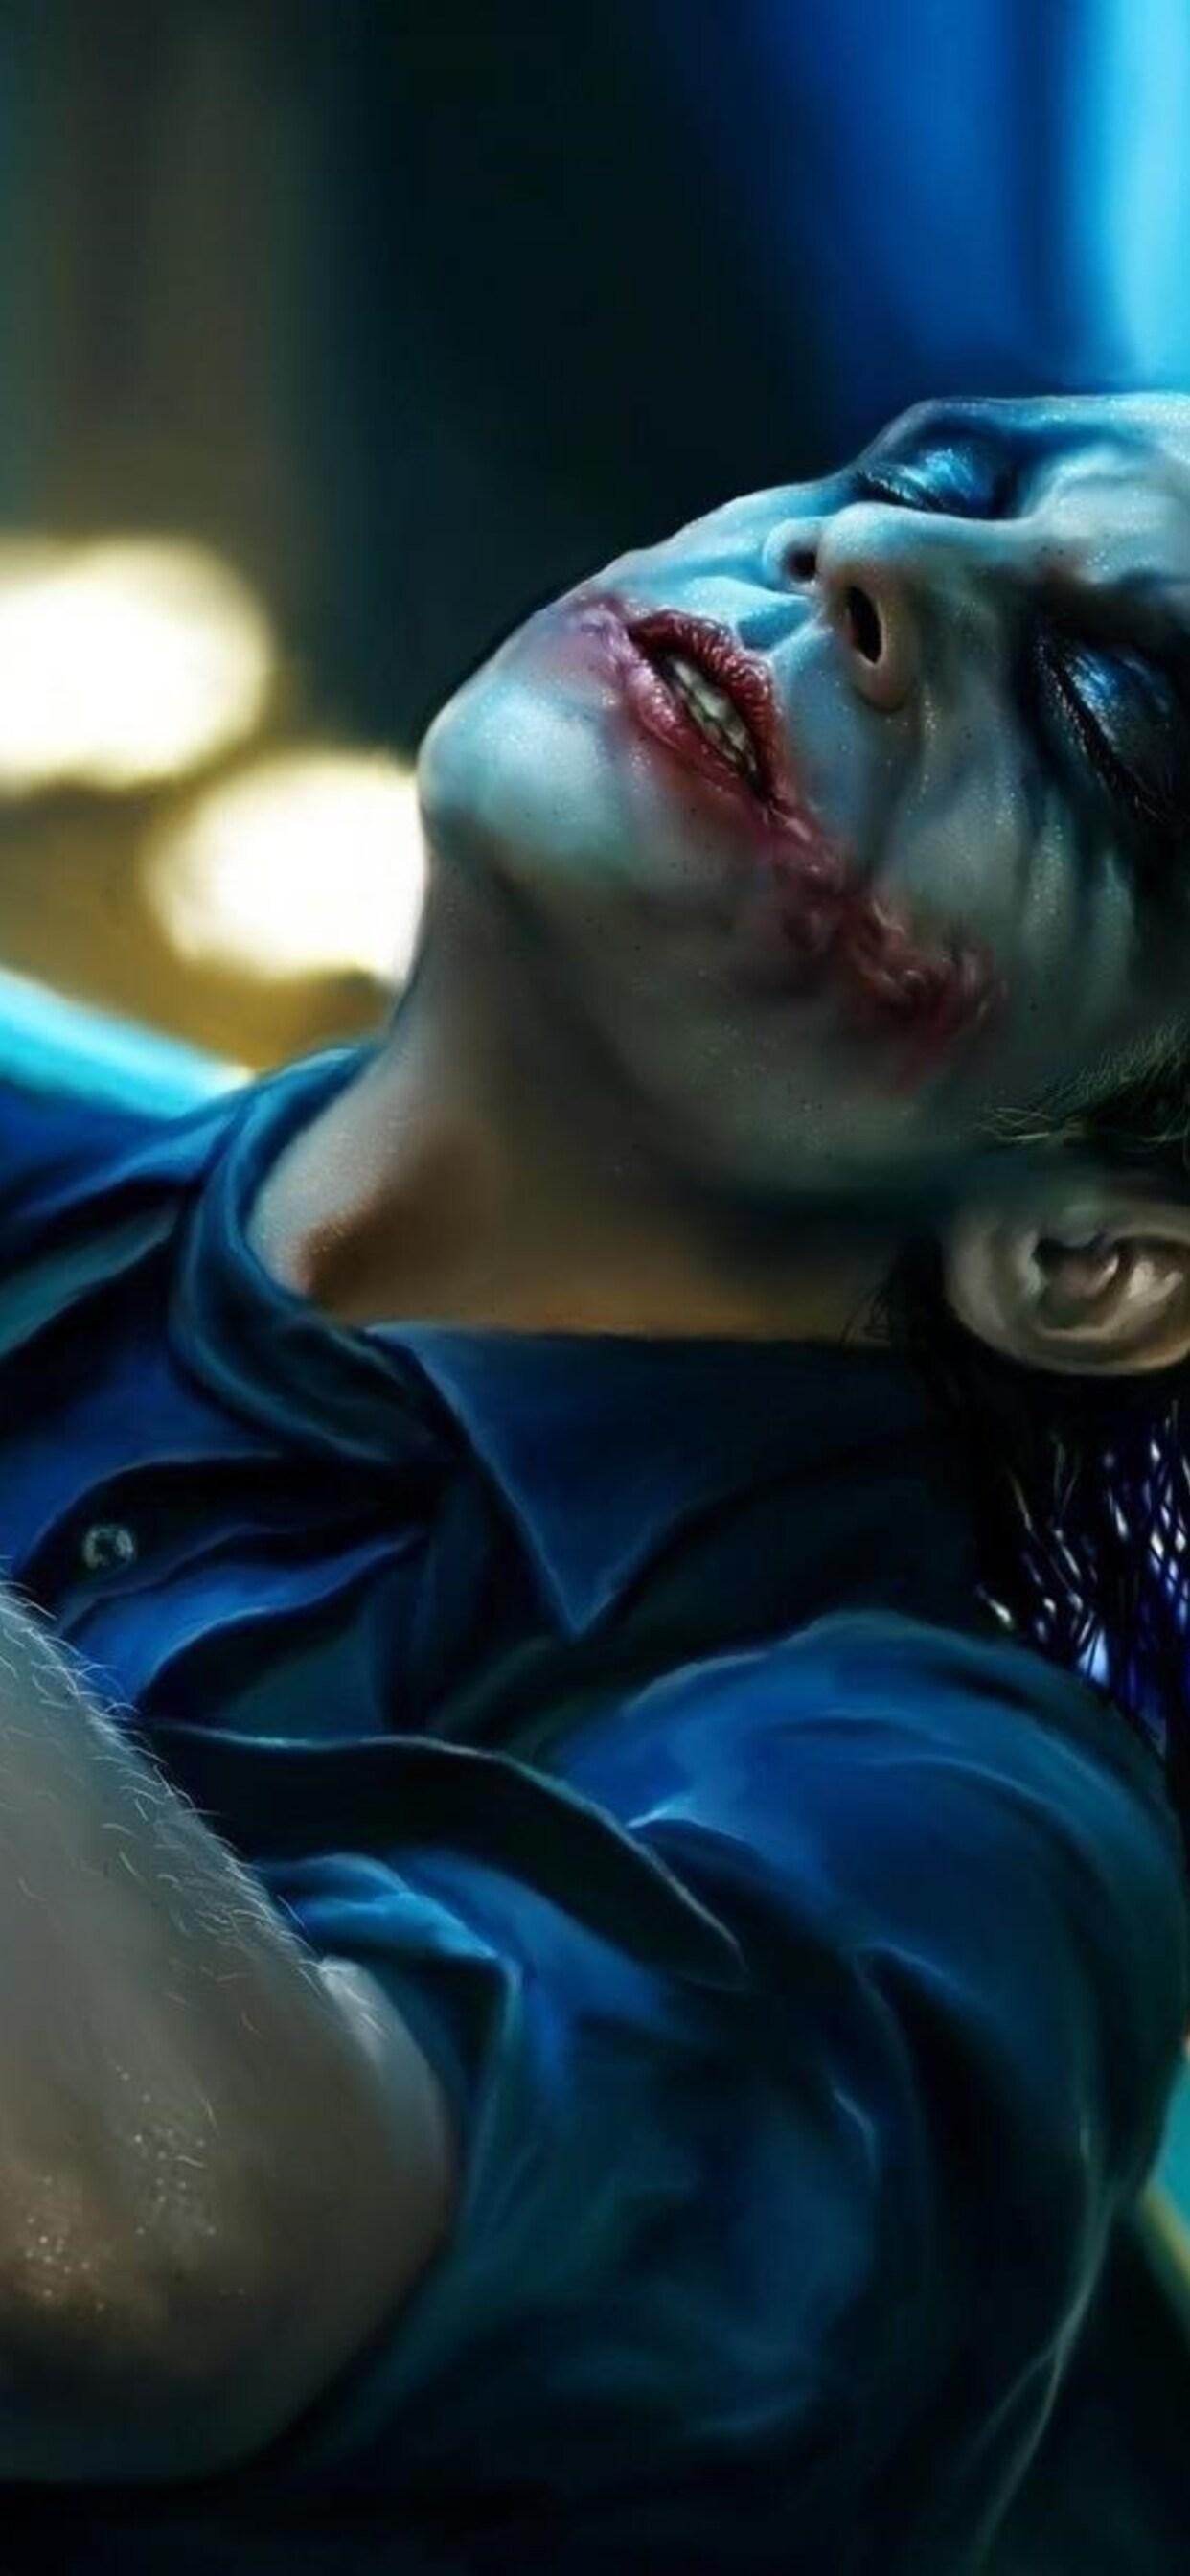 the-dark-knight-joker-artwork-qhd.jpg